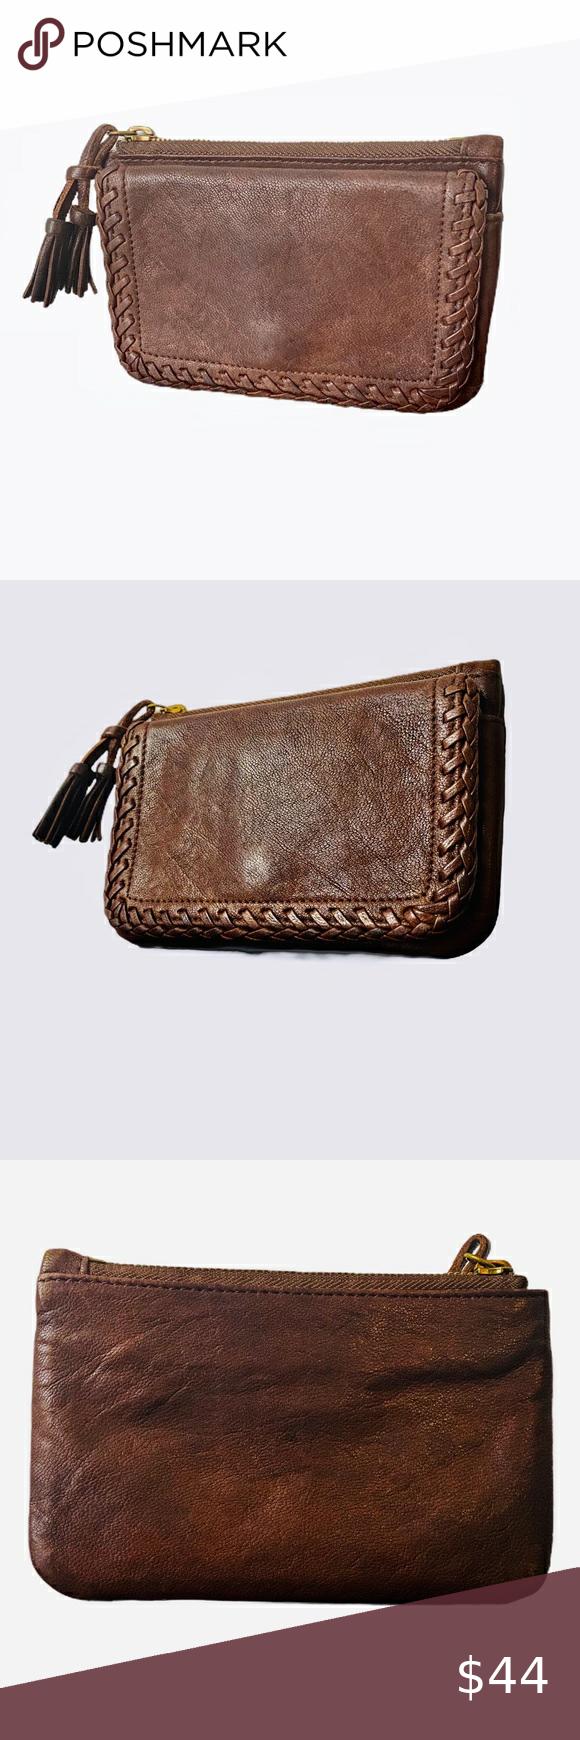 Hp Vintage Bergdorf Goodman Wallet Vintage Clothes Design Snap Pocket